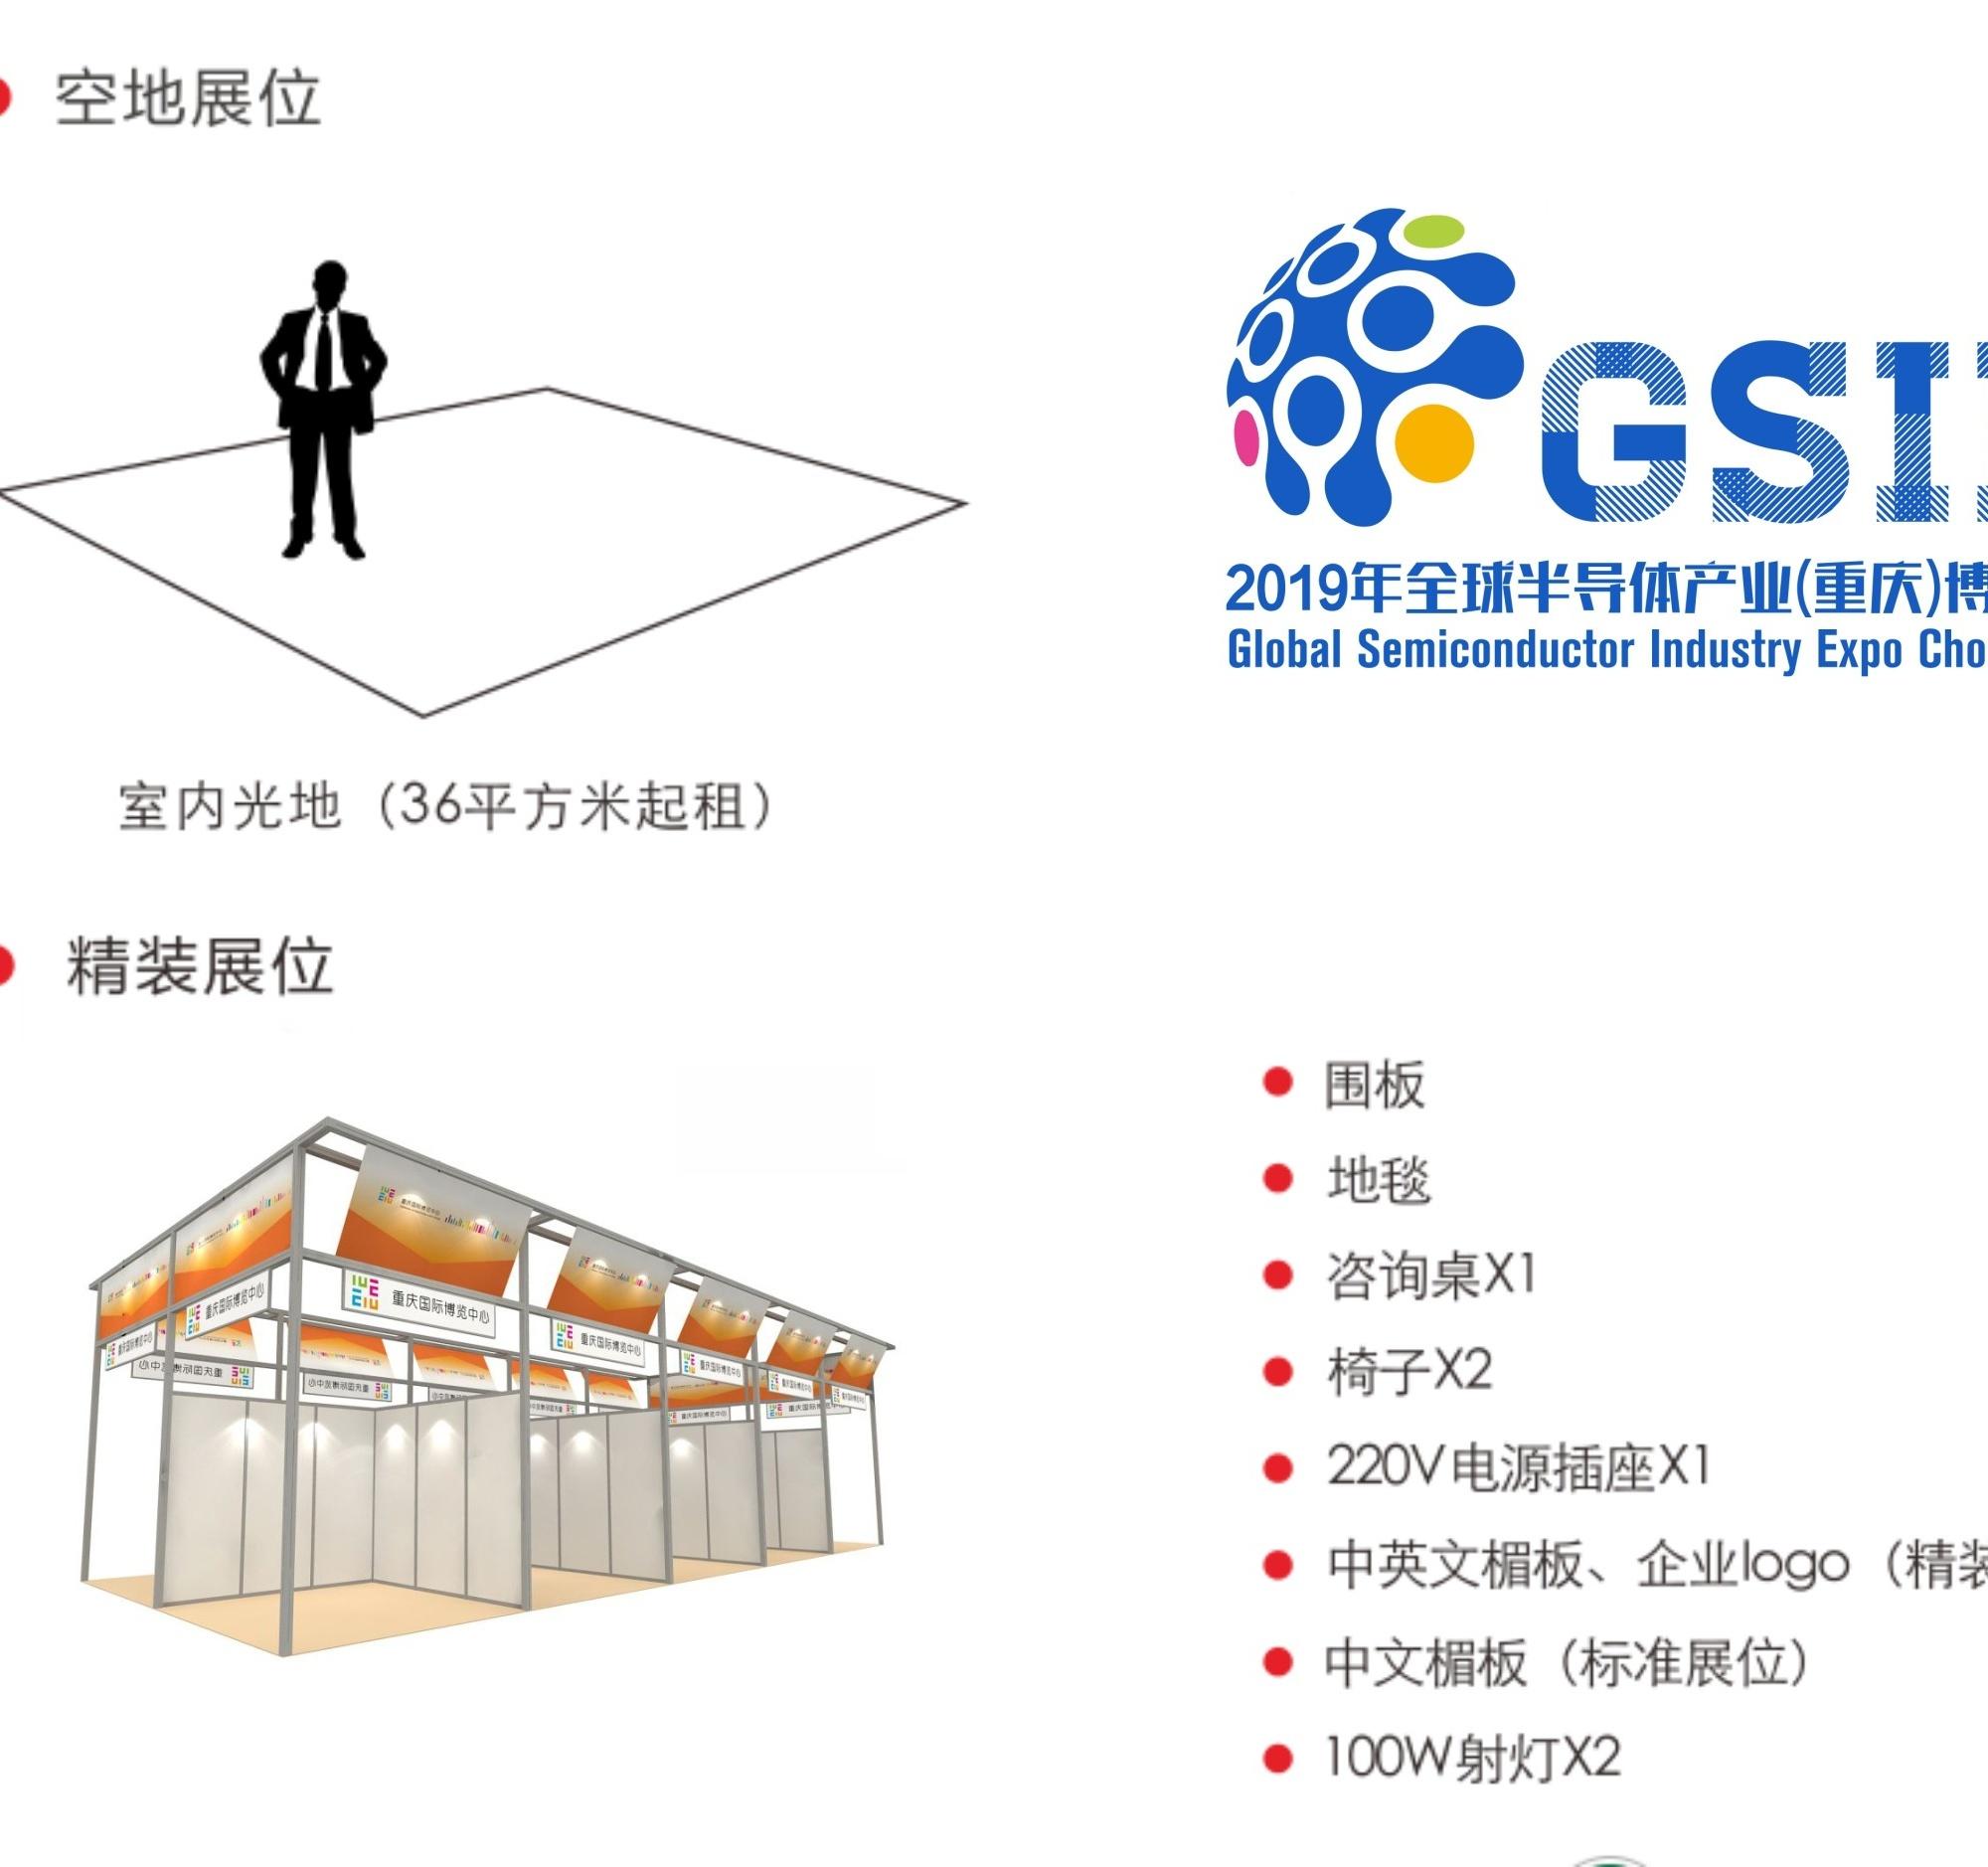 智慧重庆,2019全球半导体产业博览会欢迎您